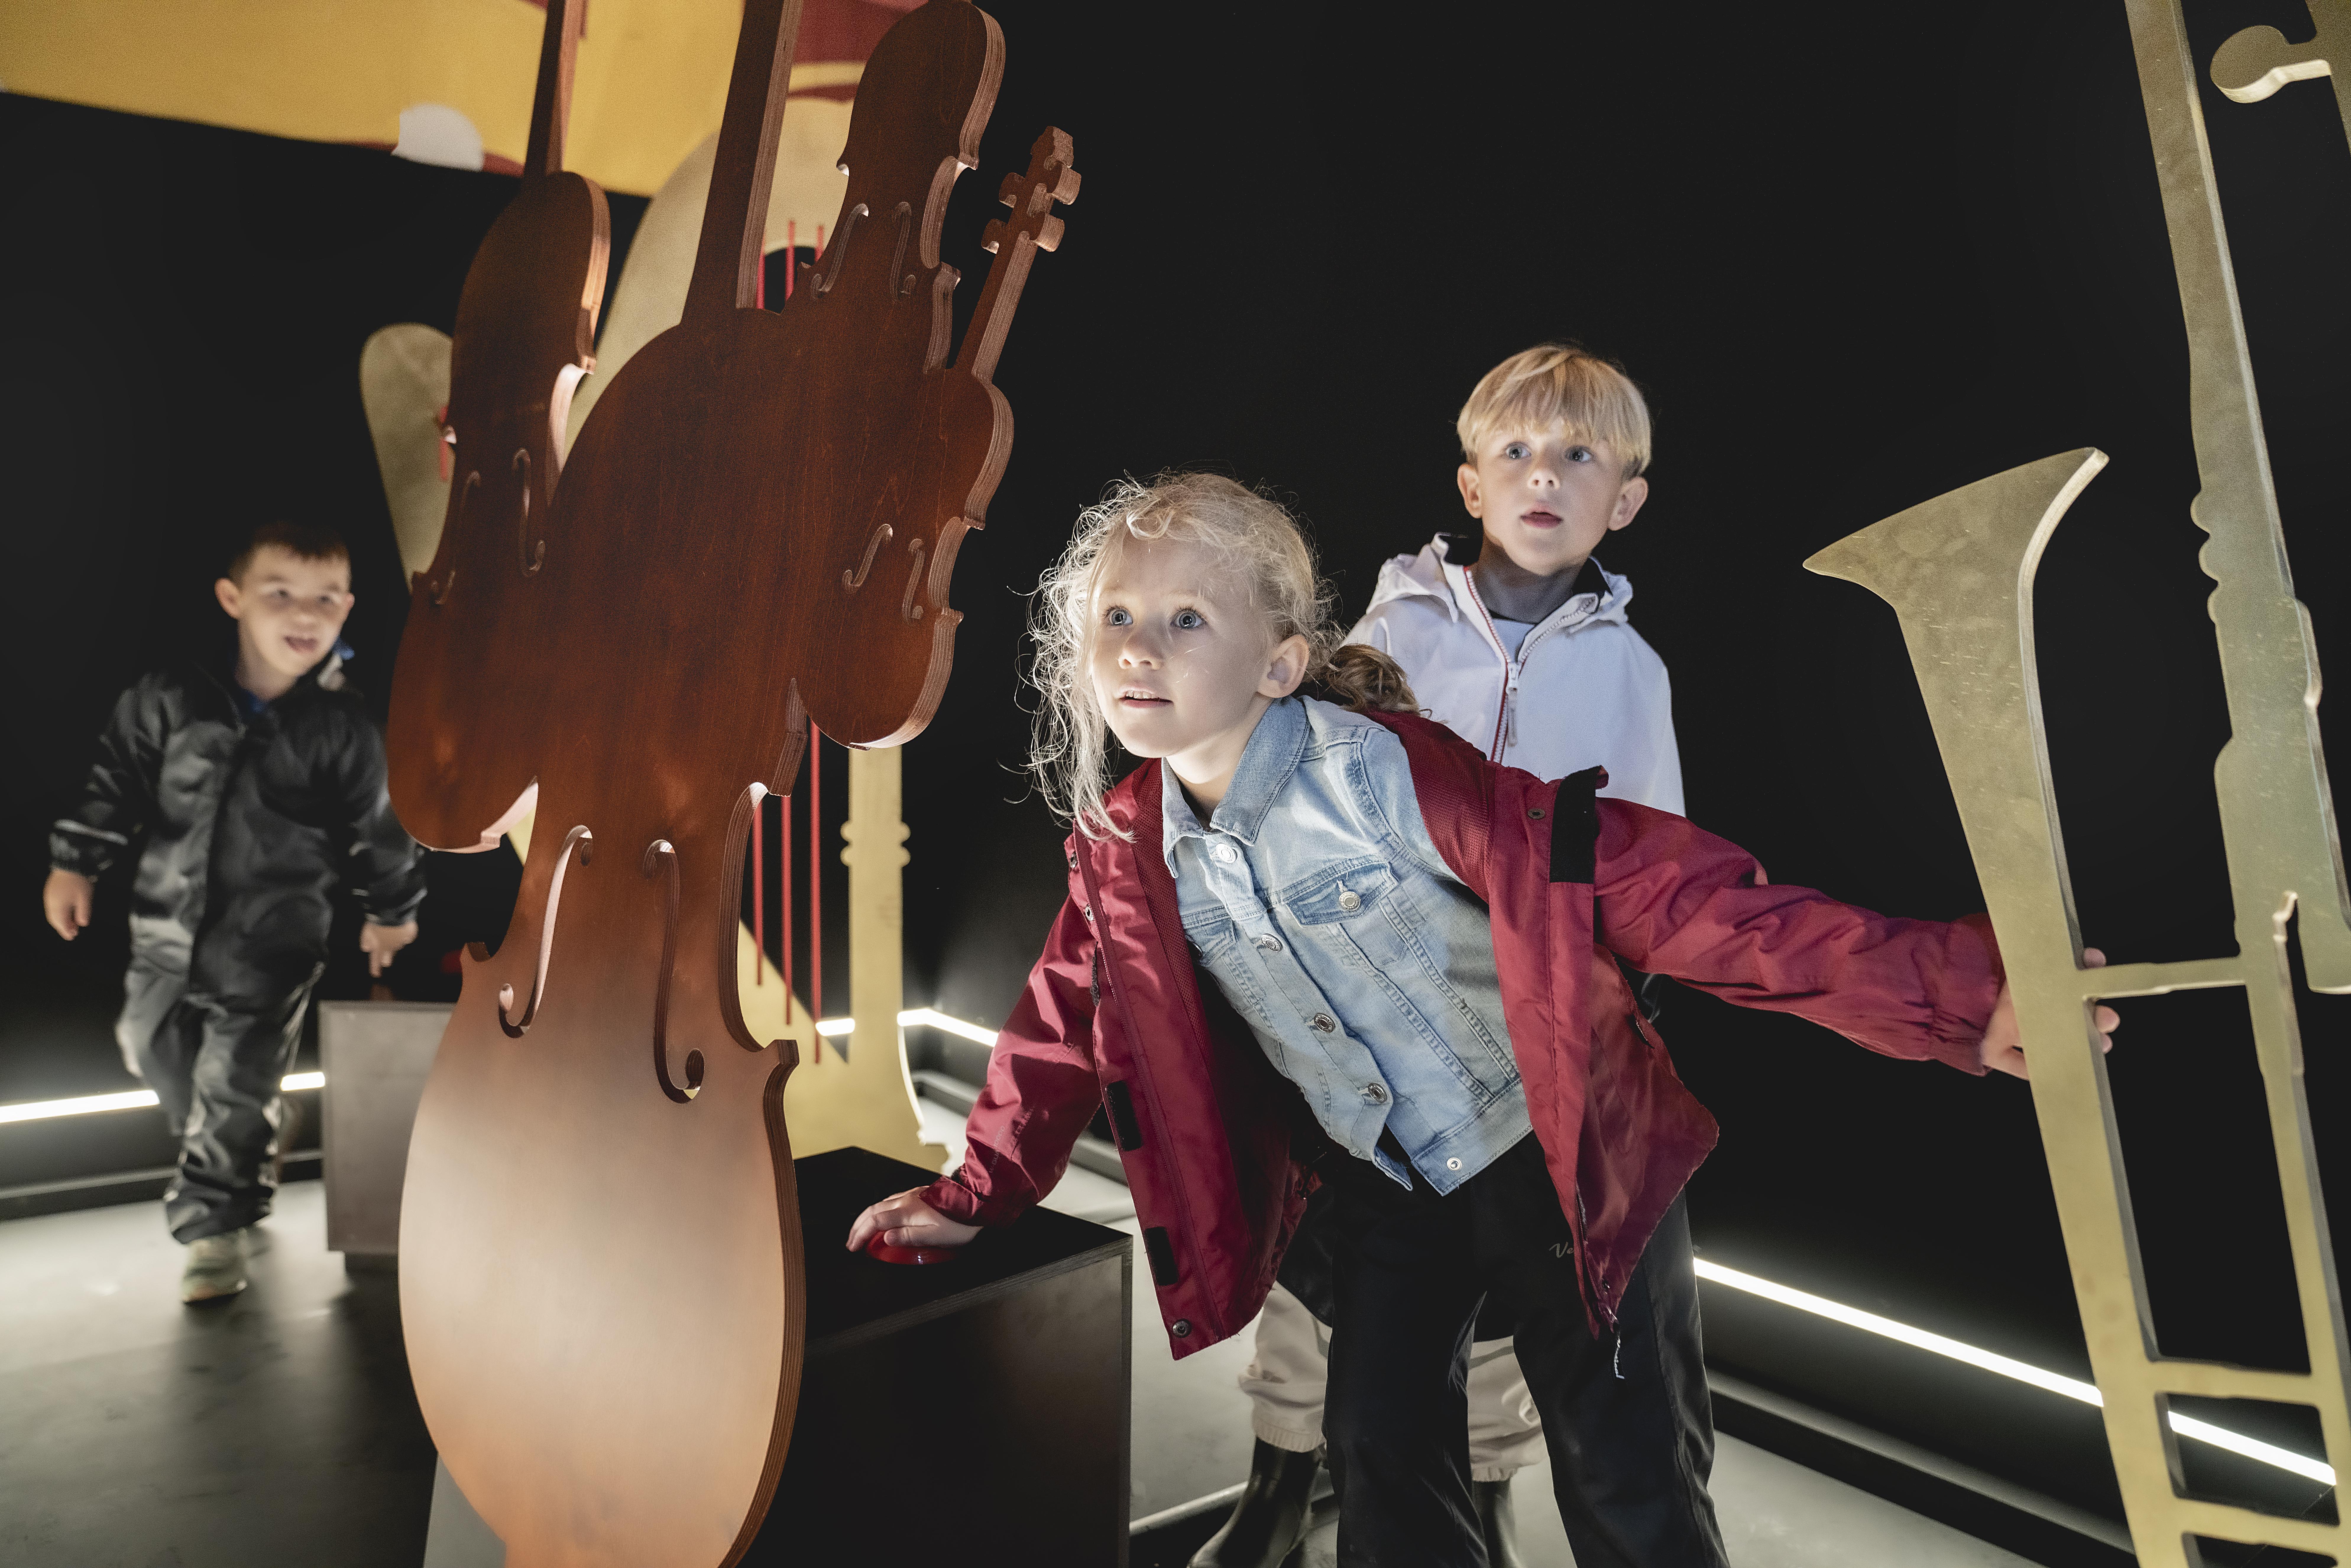 Interaktivt børneunivers (Foto: Det Kongelige Teater)